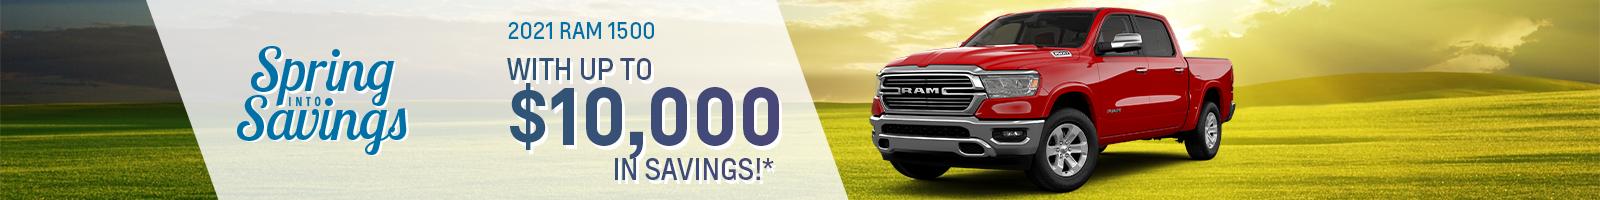 Best rebate offer on a 2021 RAM 1500 near Fort Wayne IN